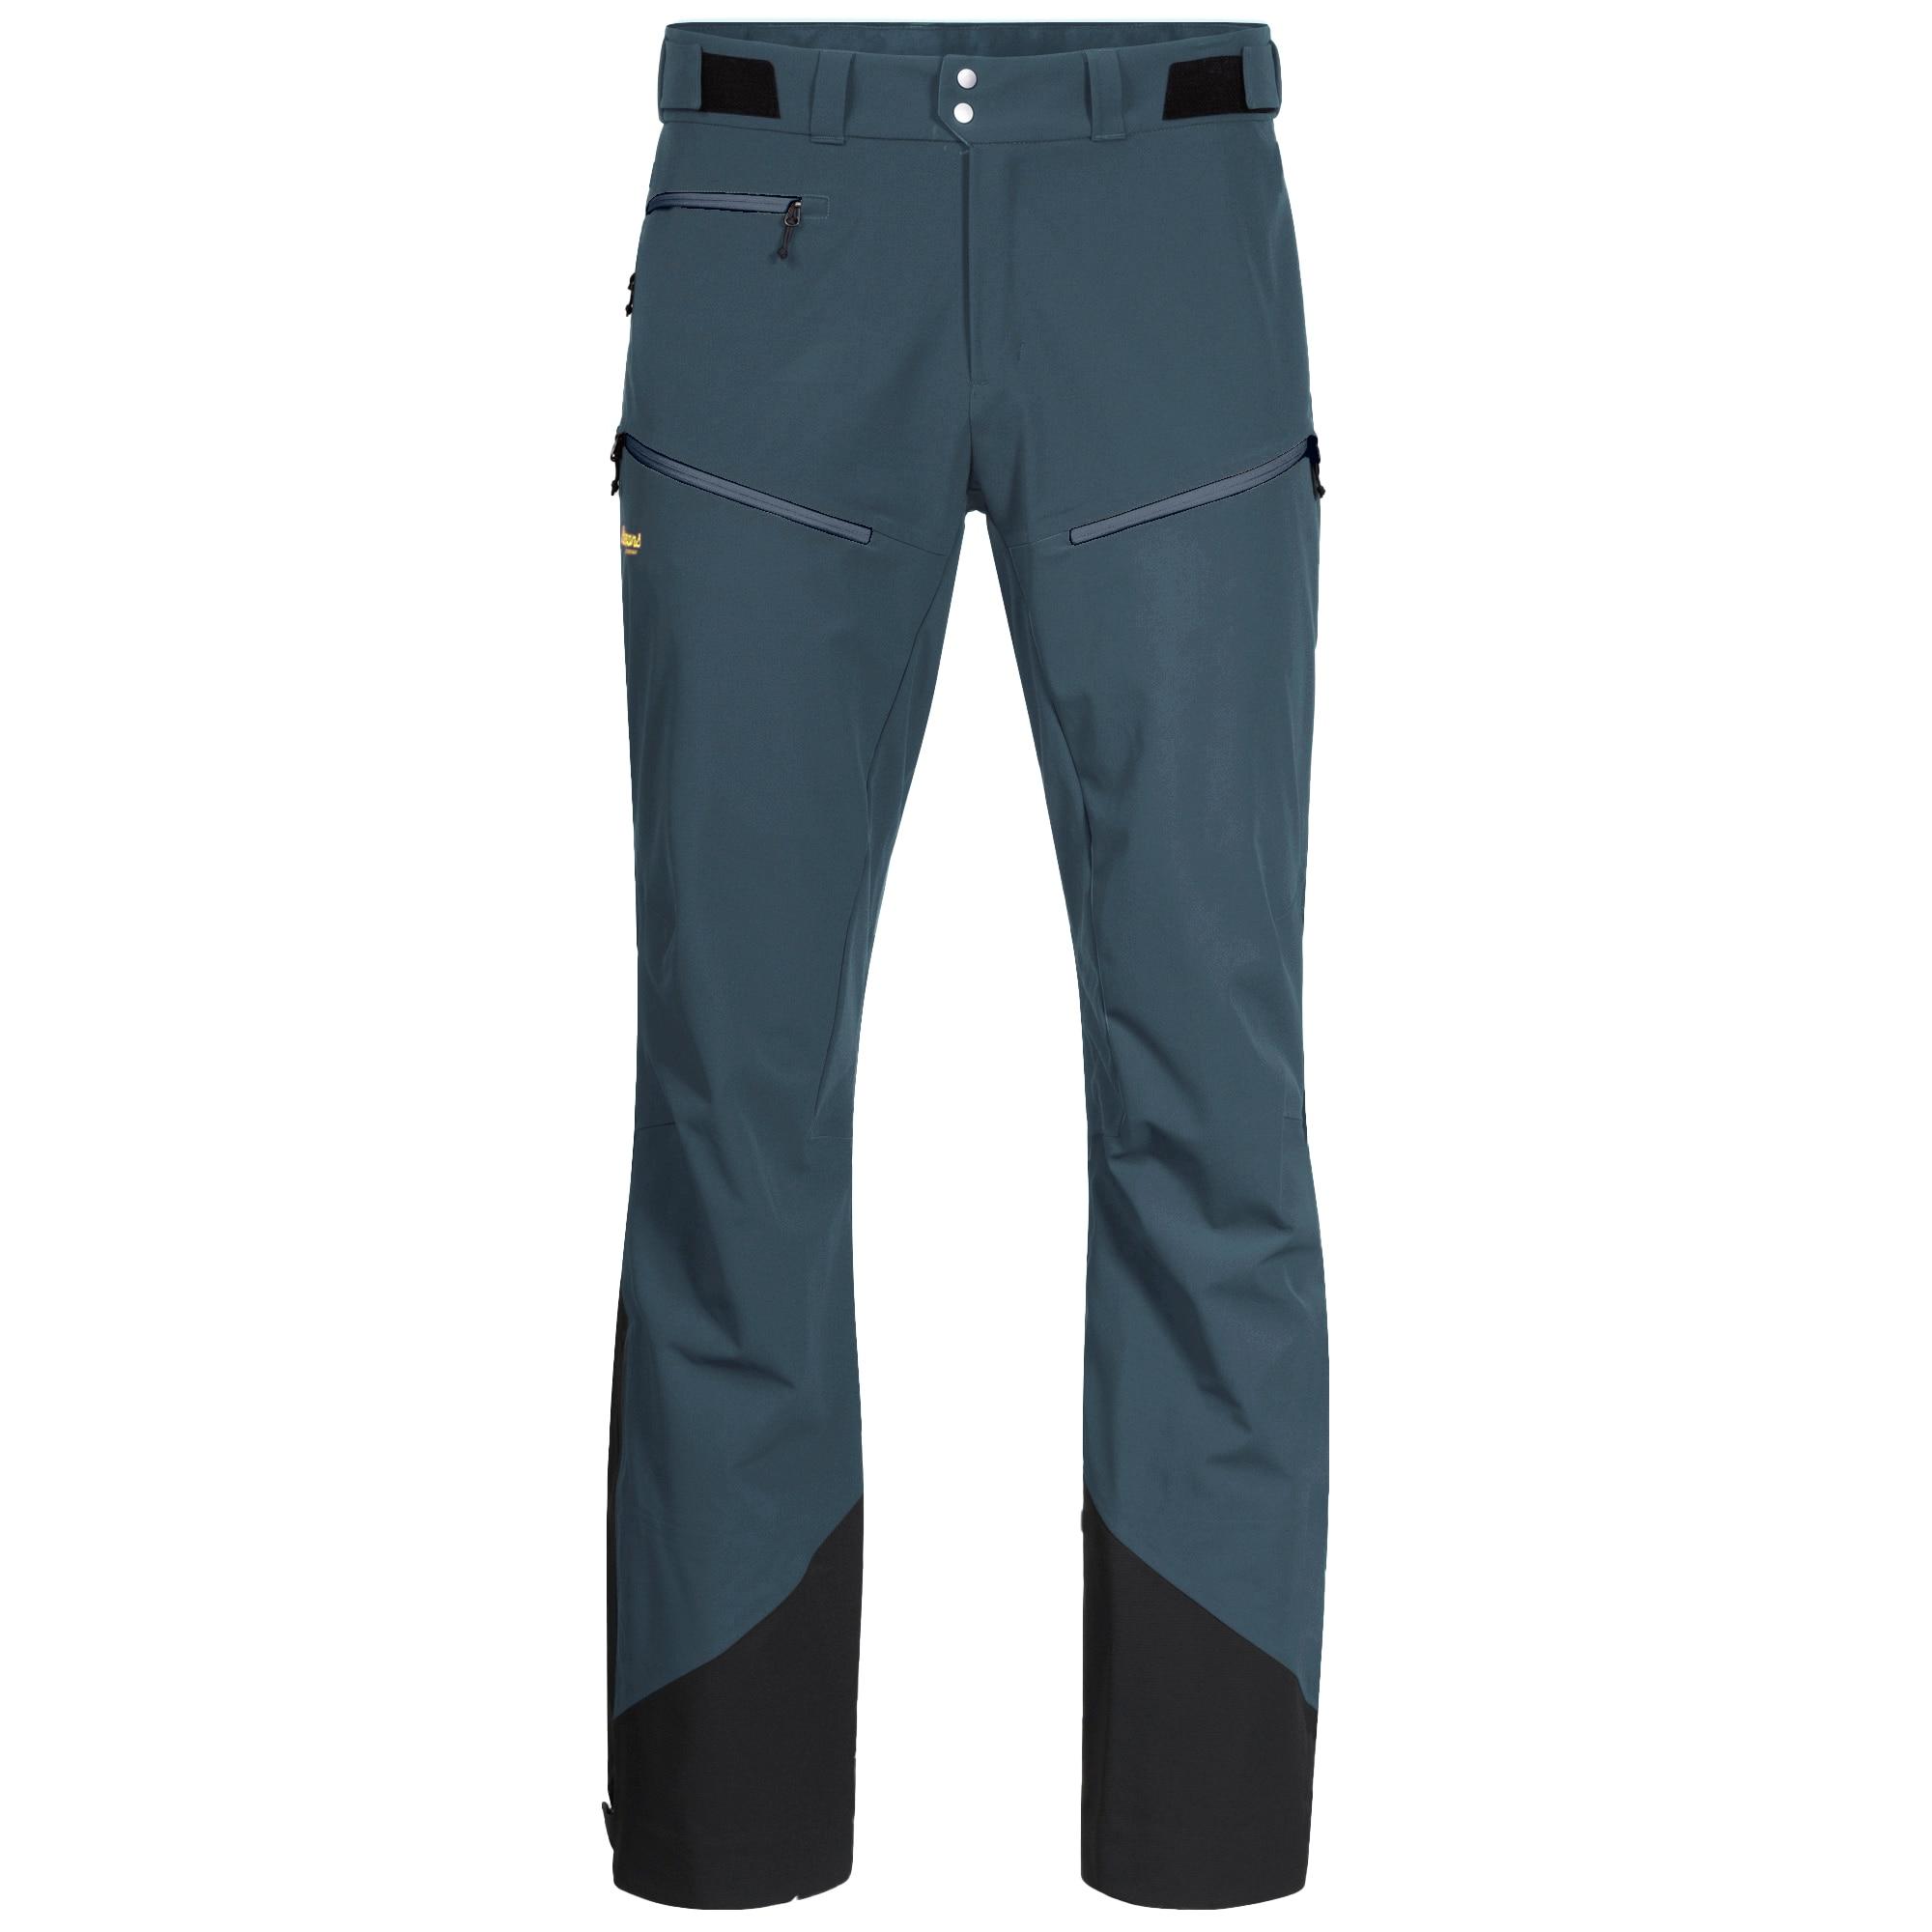 Senja Hybrid Softshell Pants